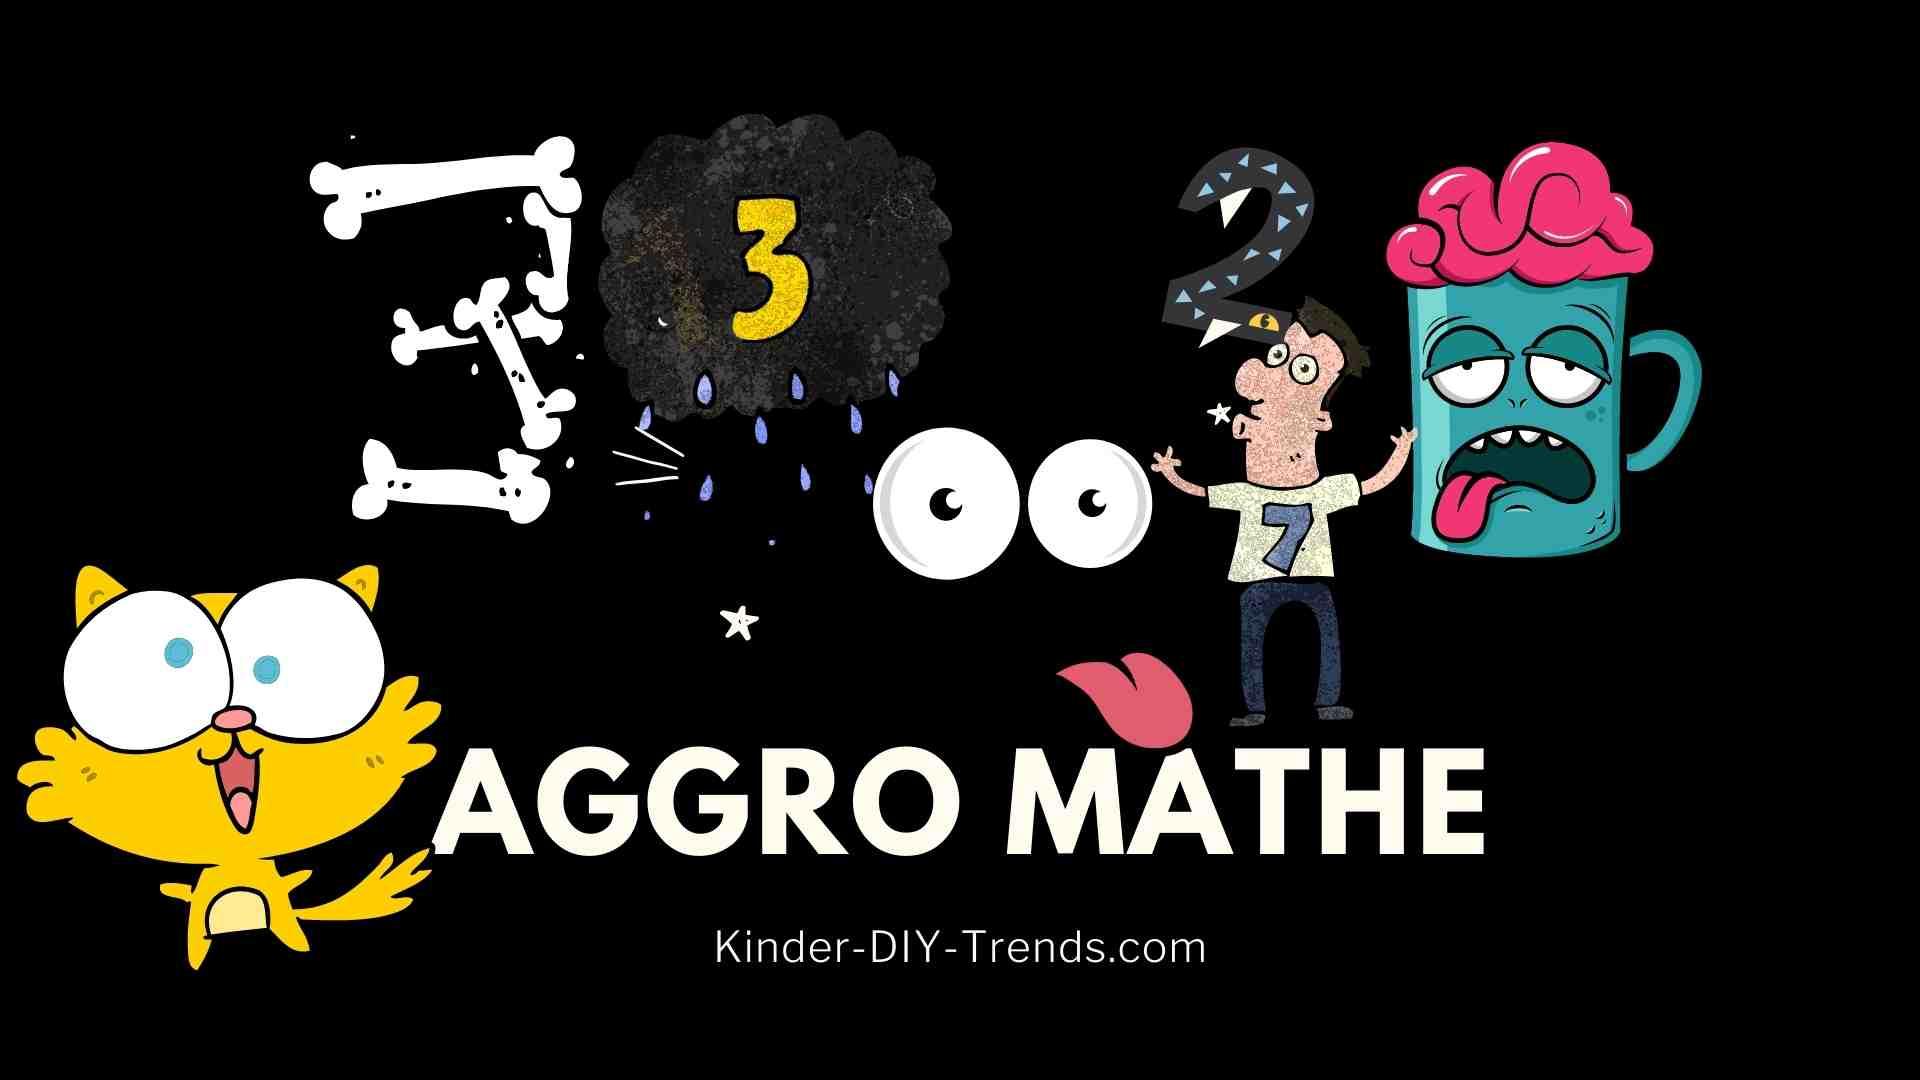 AGGRO MATHE - Mathematik lernen in der Homeschooling Zeit auf andere Art